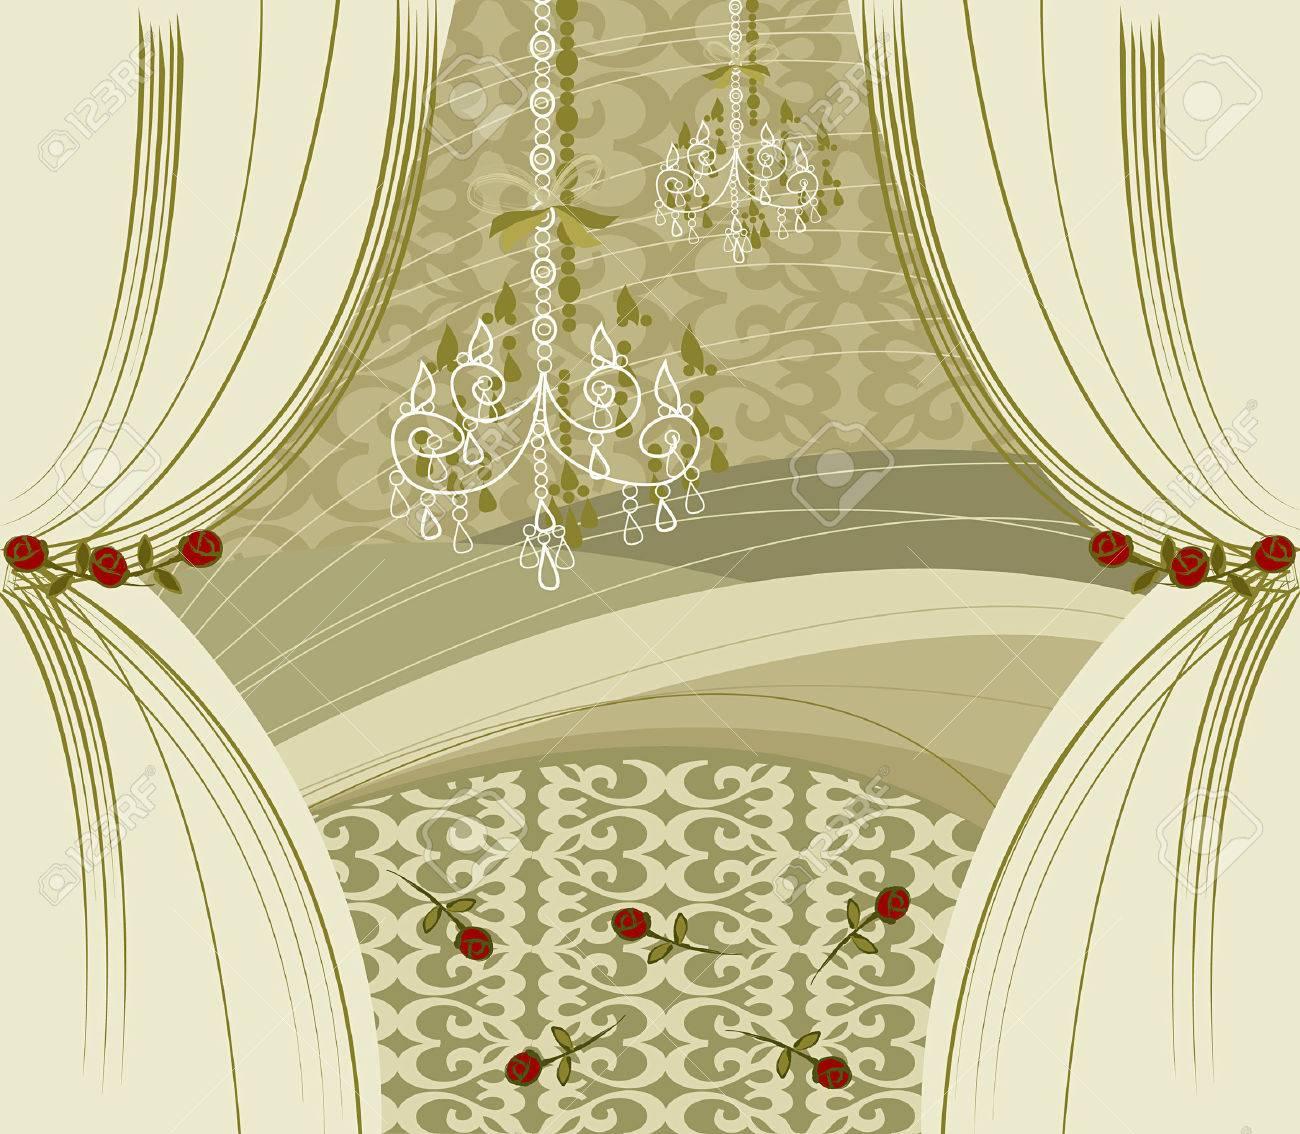 gouden gordijnen vector gellustreerd binnenkant stockfoto 1399257